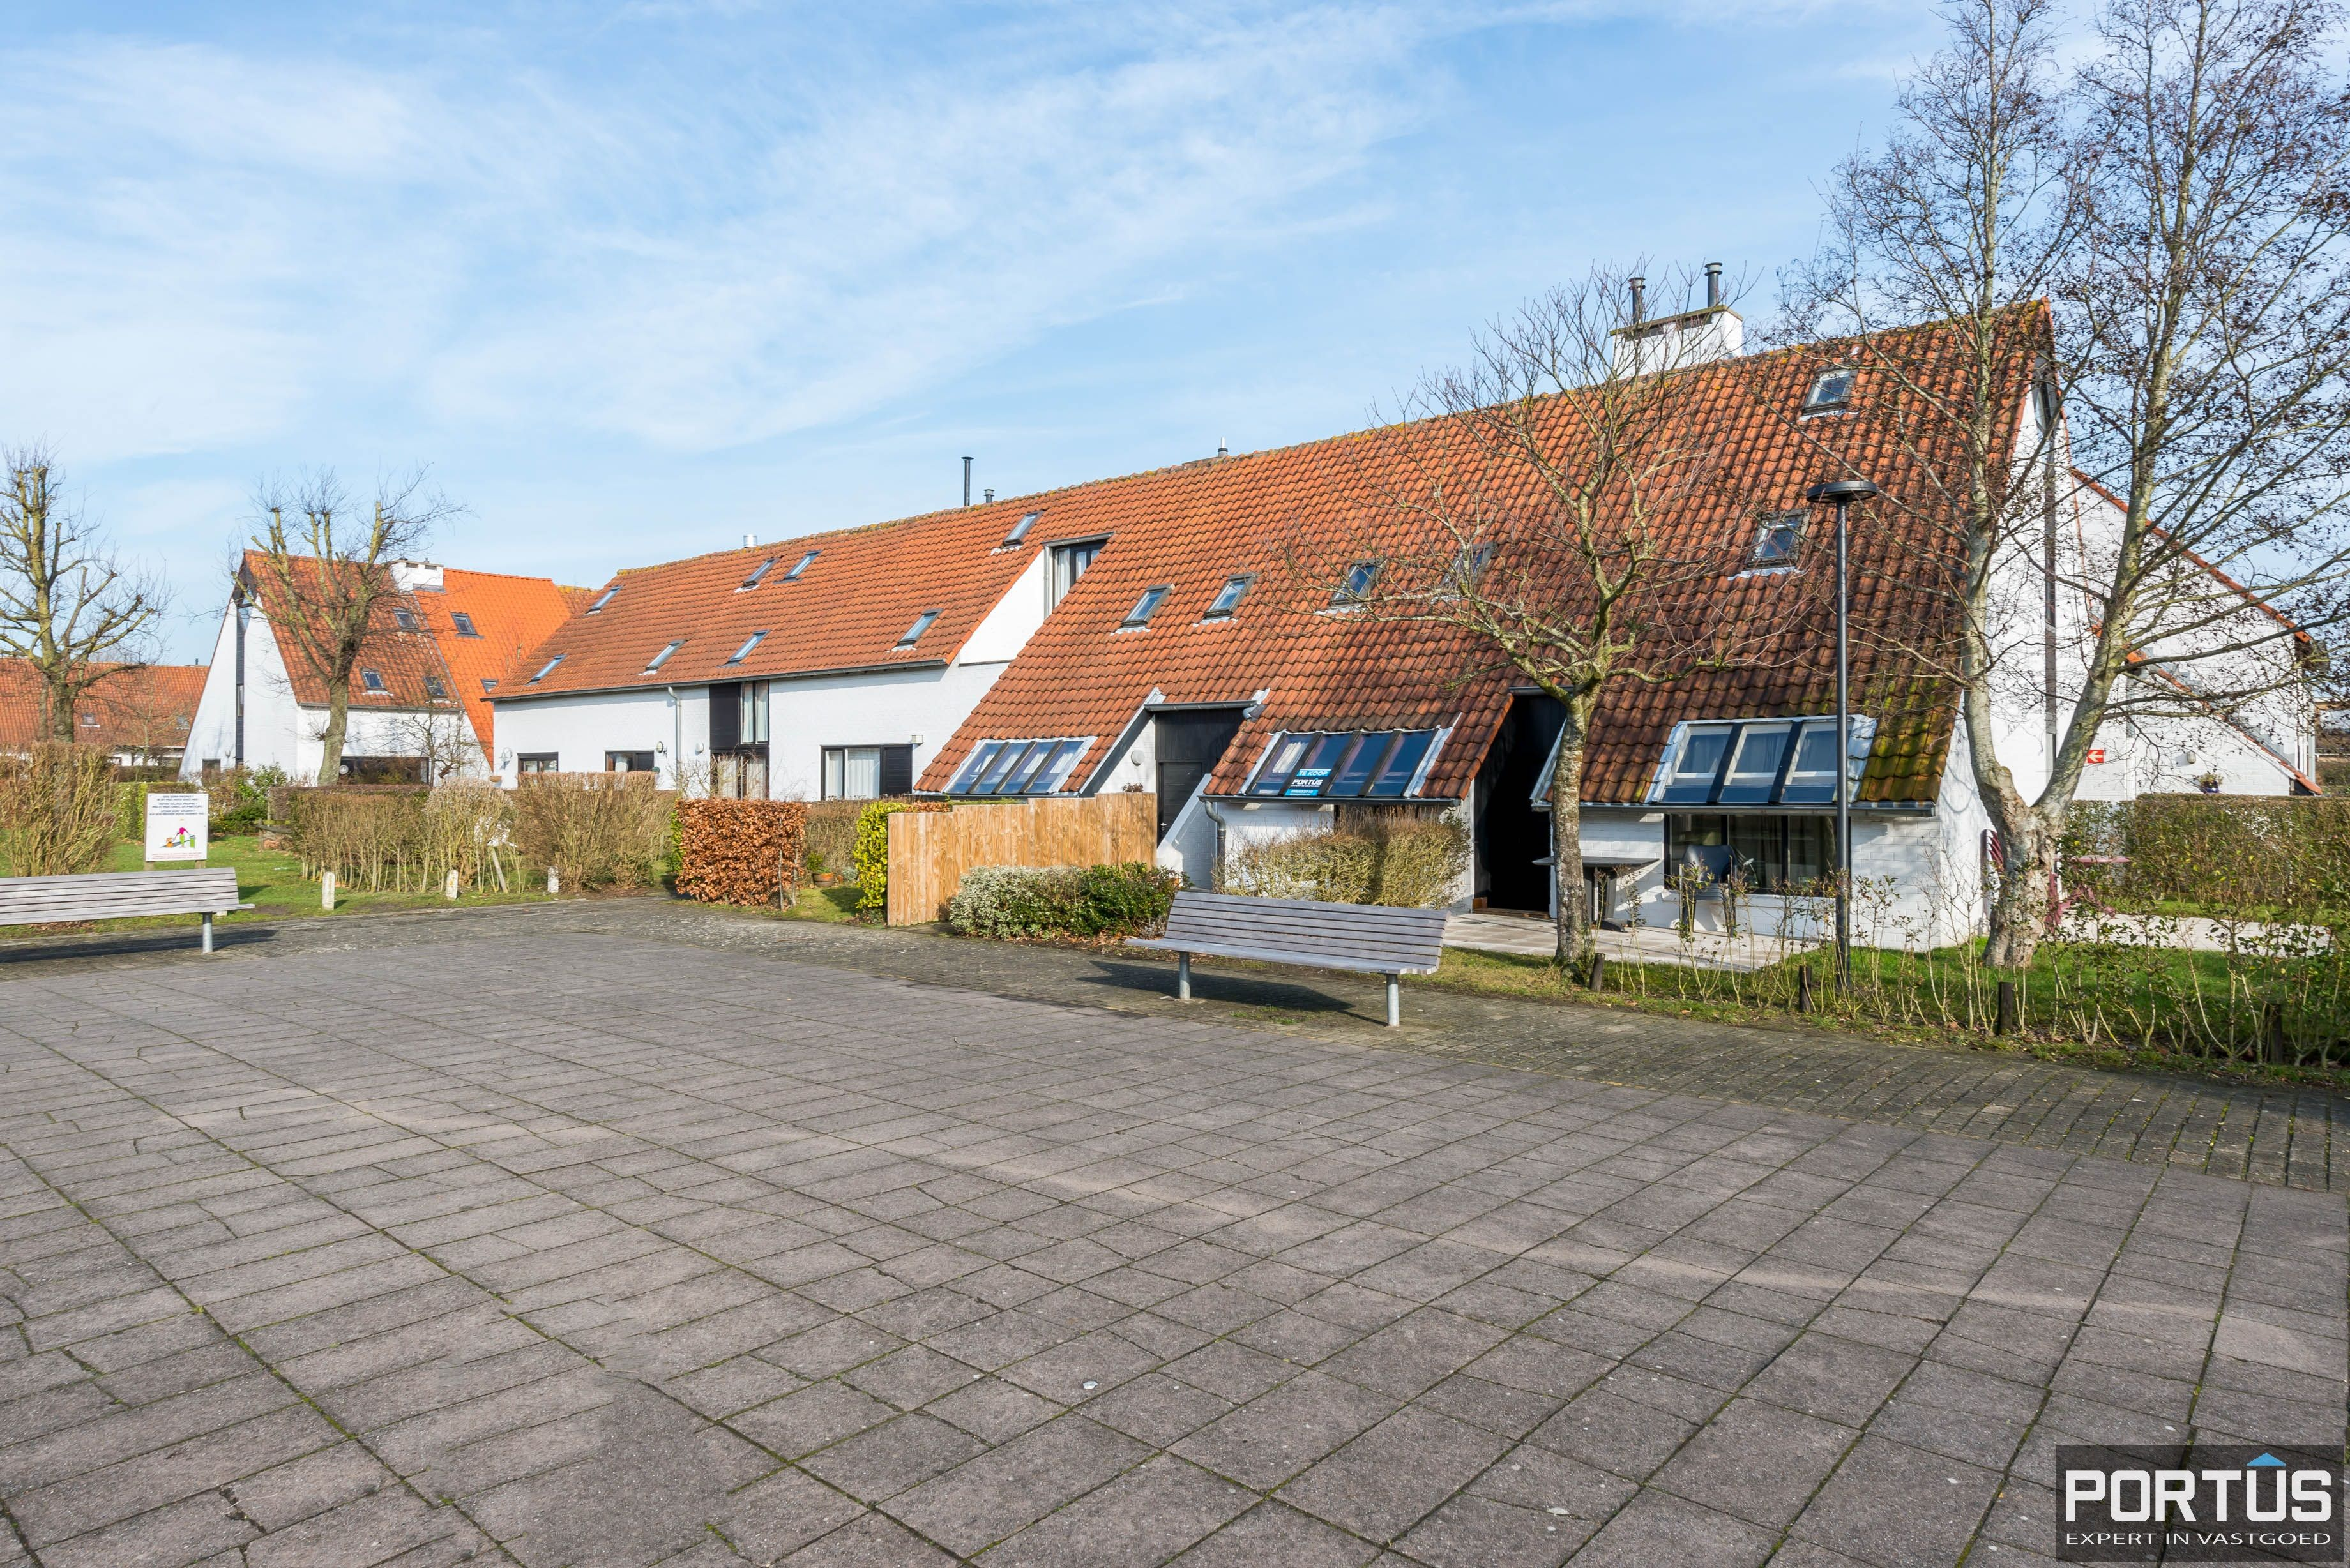 Woning te koop Nieuwpoort 4 slaapkamers en parking